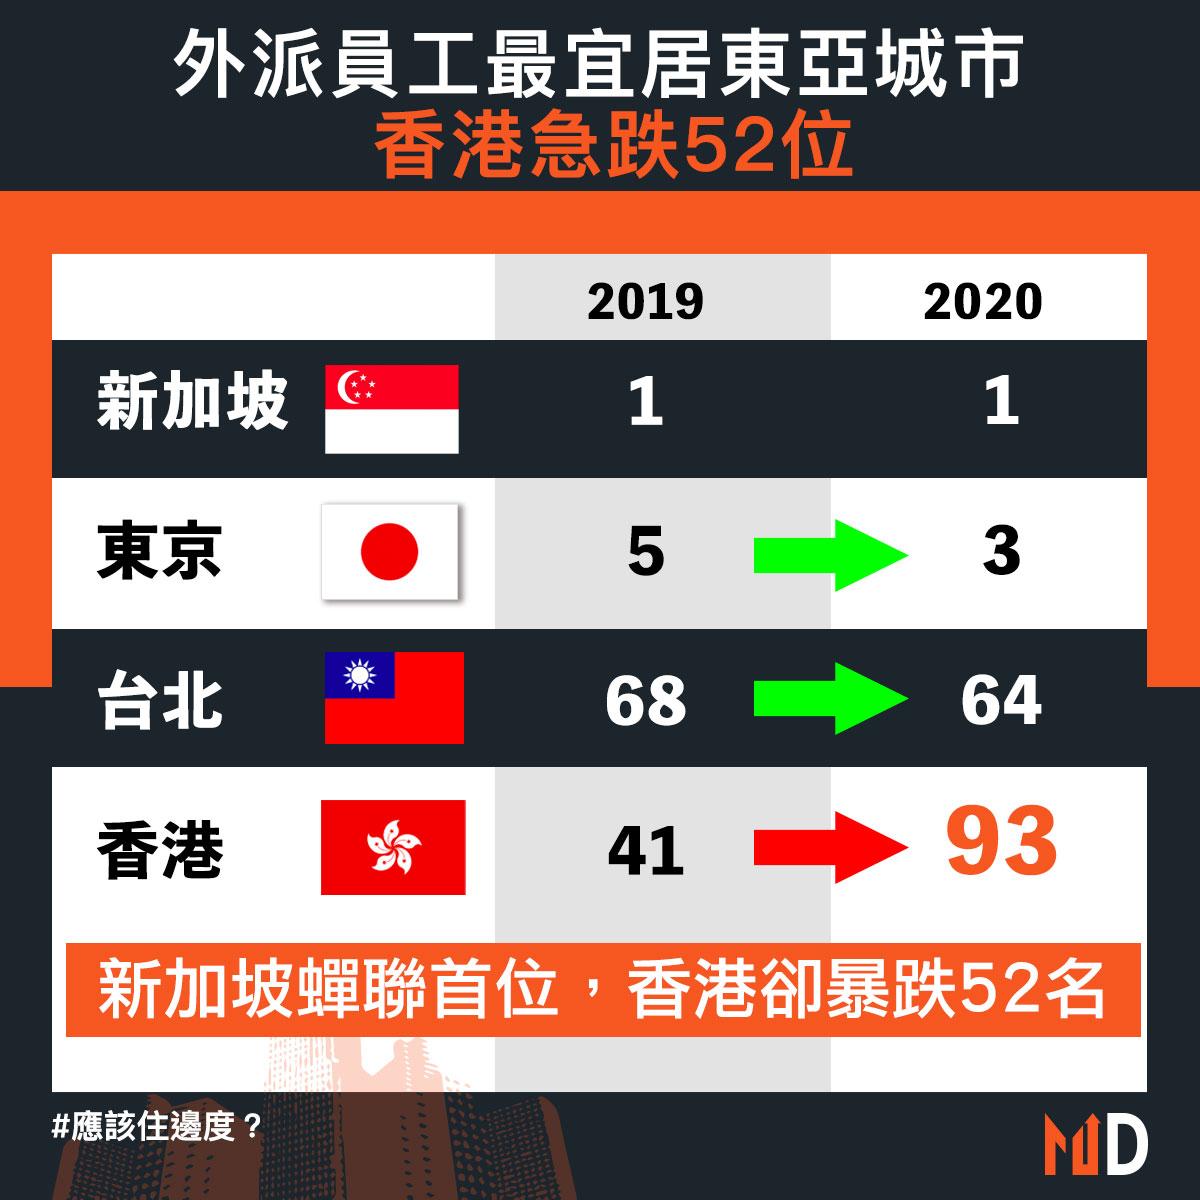 【應該住邊度?】外派員工最宜居東亞城市,香港急跌52位